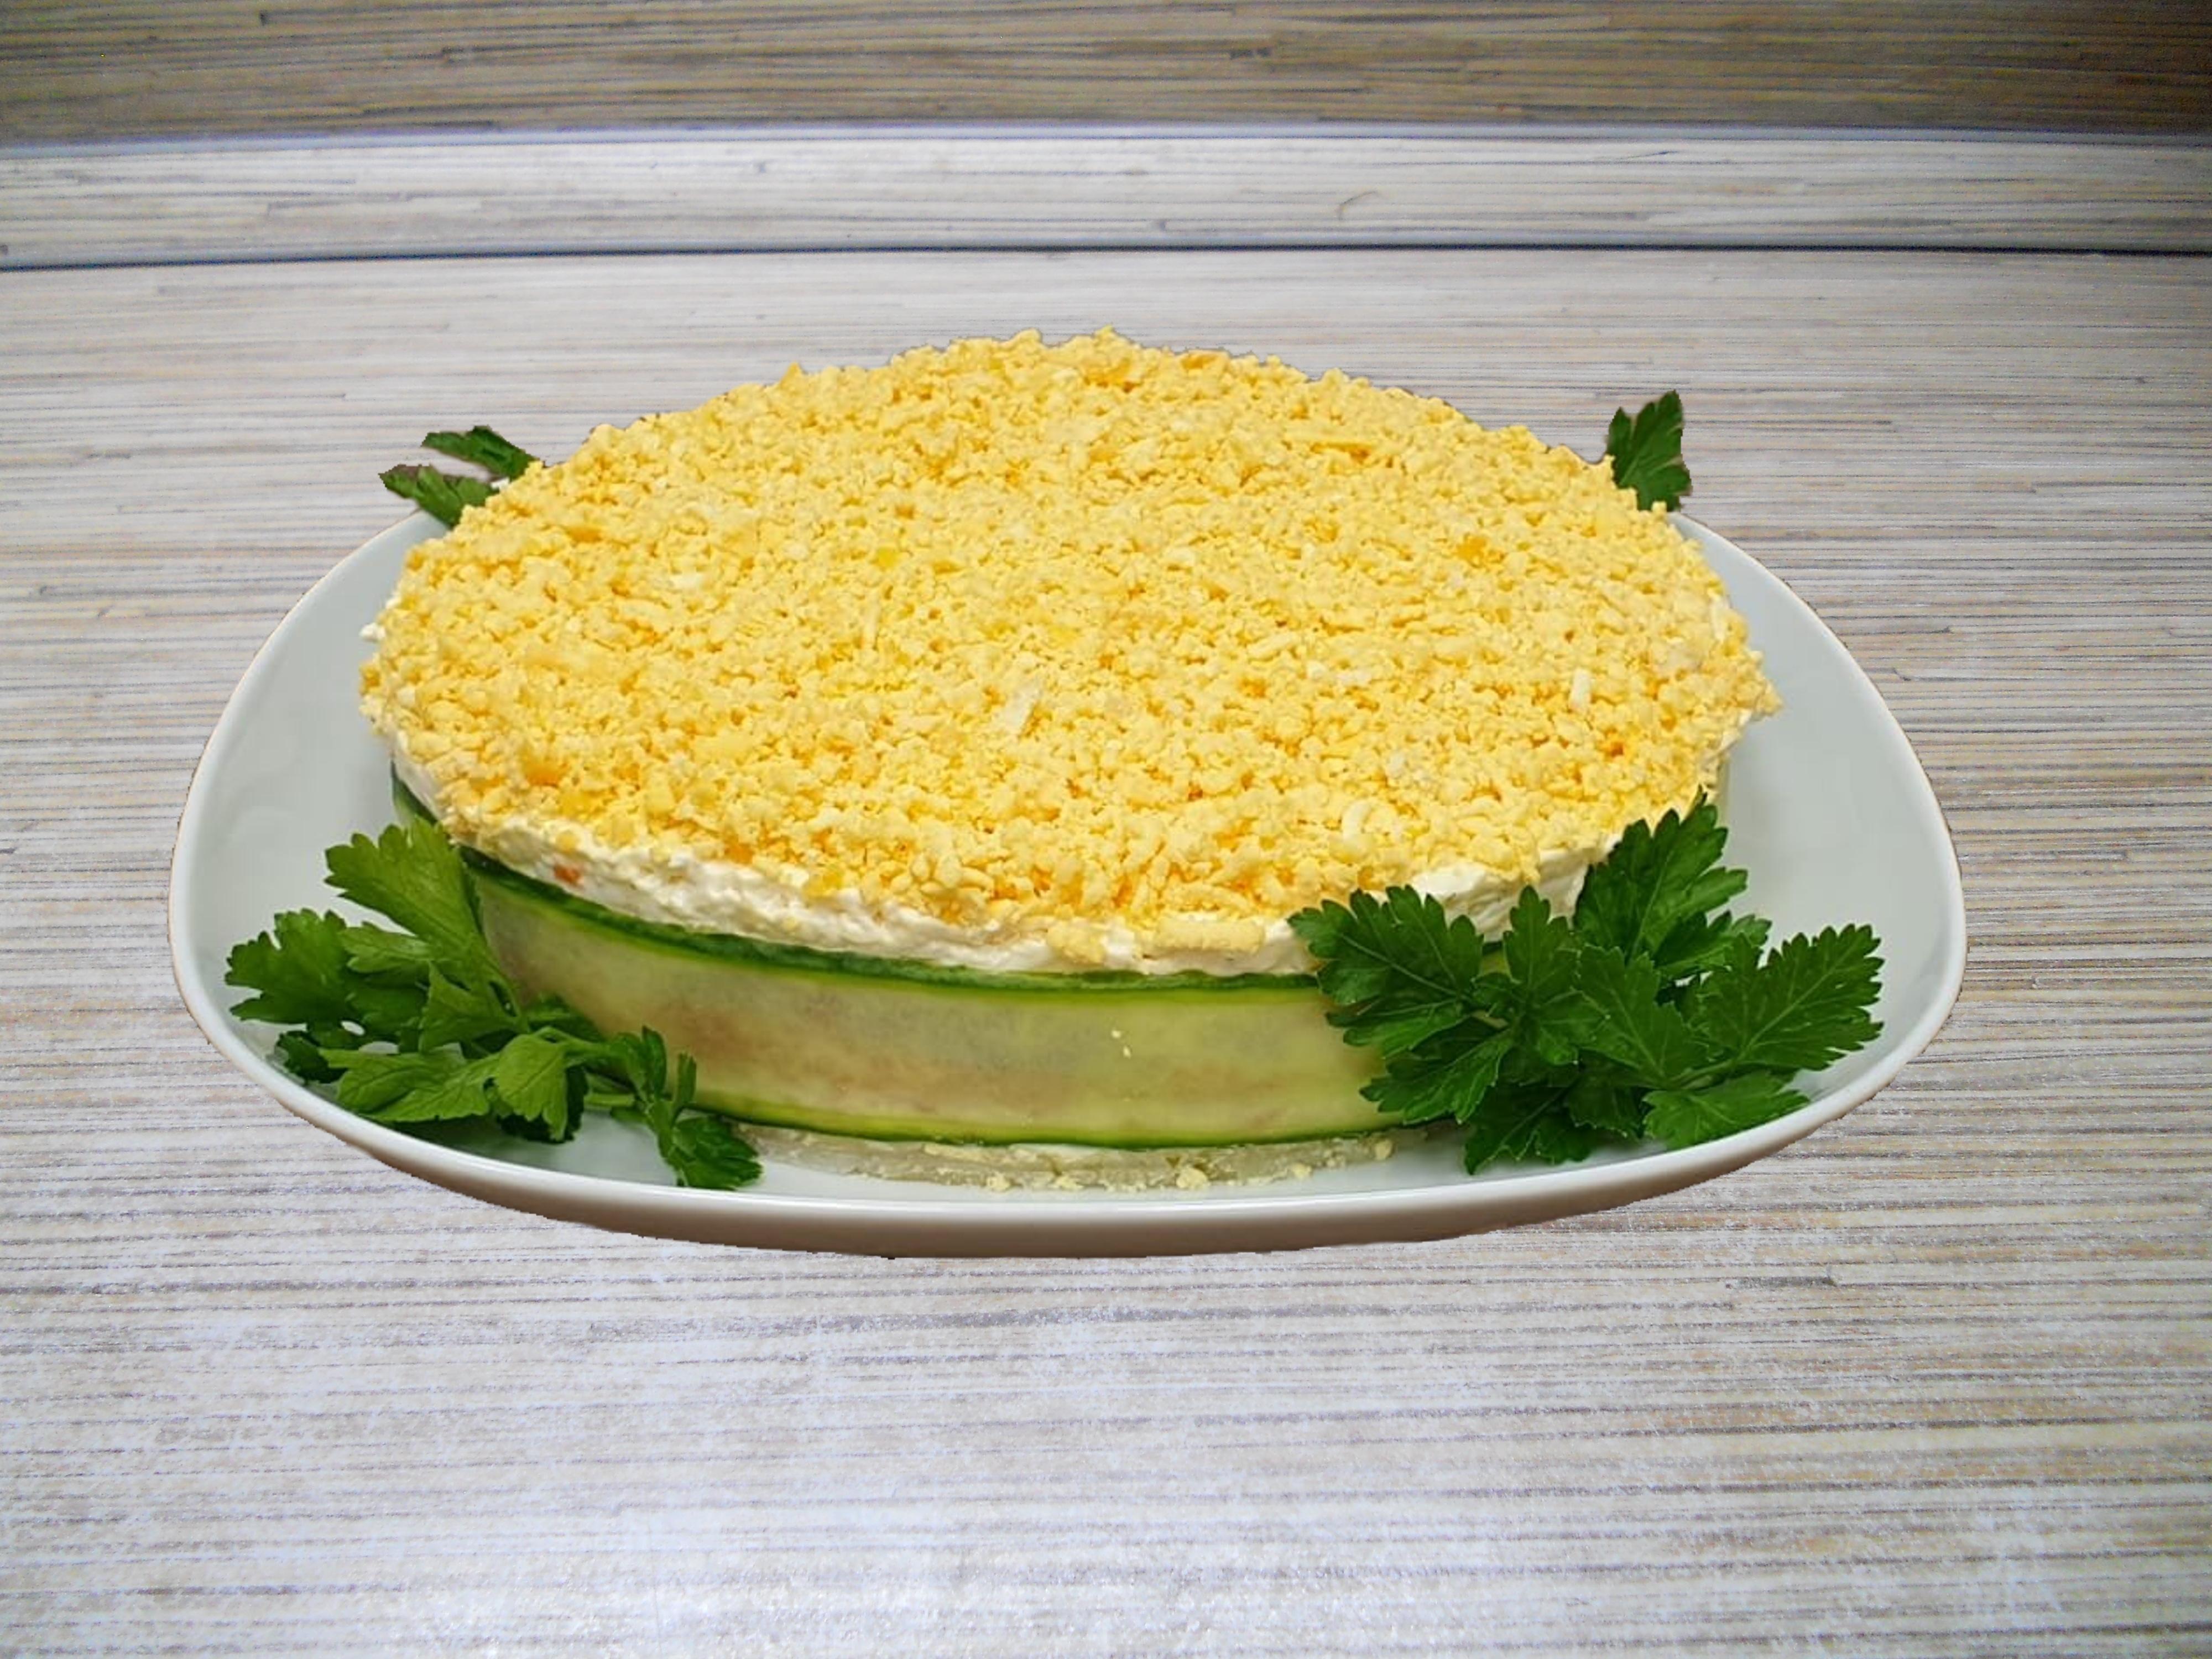 салат мимоза новый рецепт с фото щенок